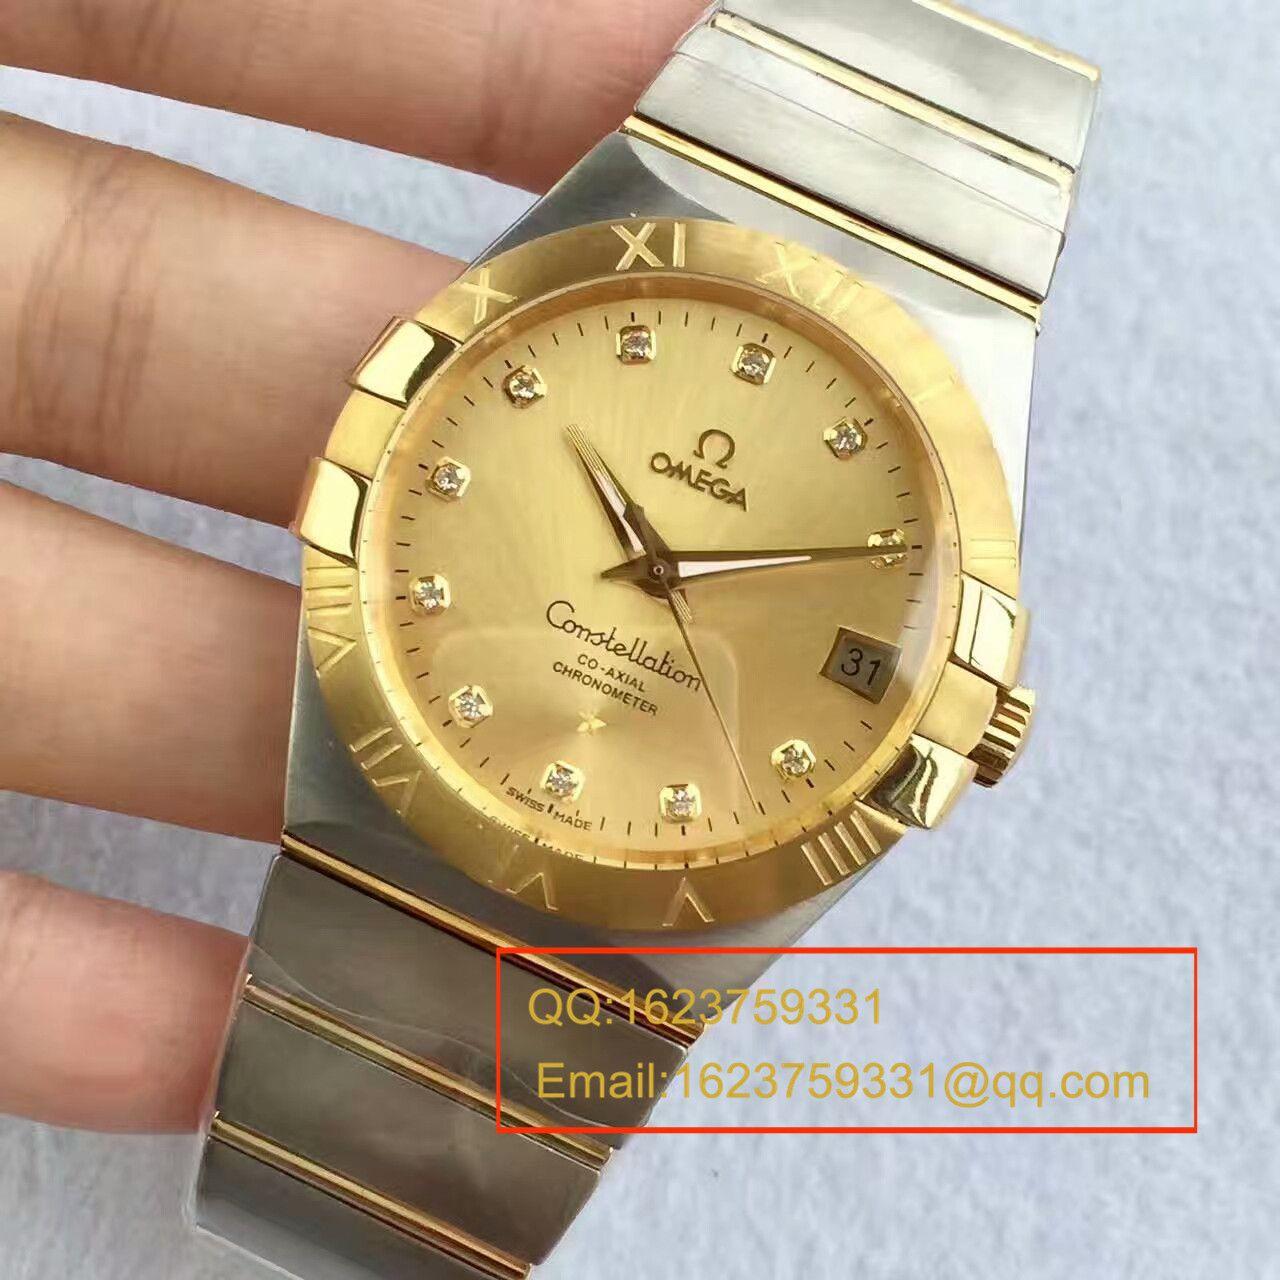 【SSS一比一超A高仿手表】欧米茄星座系列123.20.38.21.01.001腕表《多色可选》